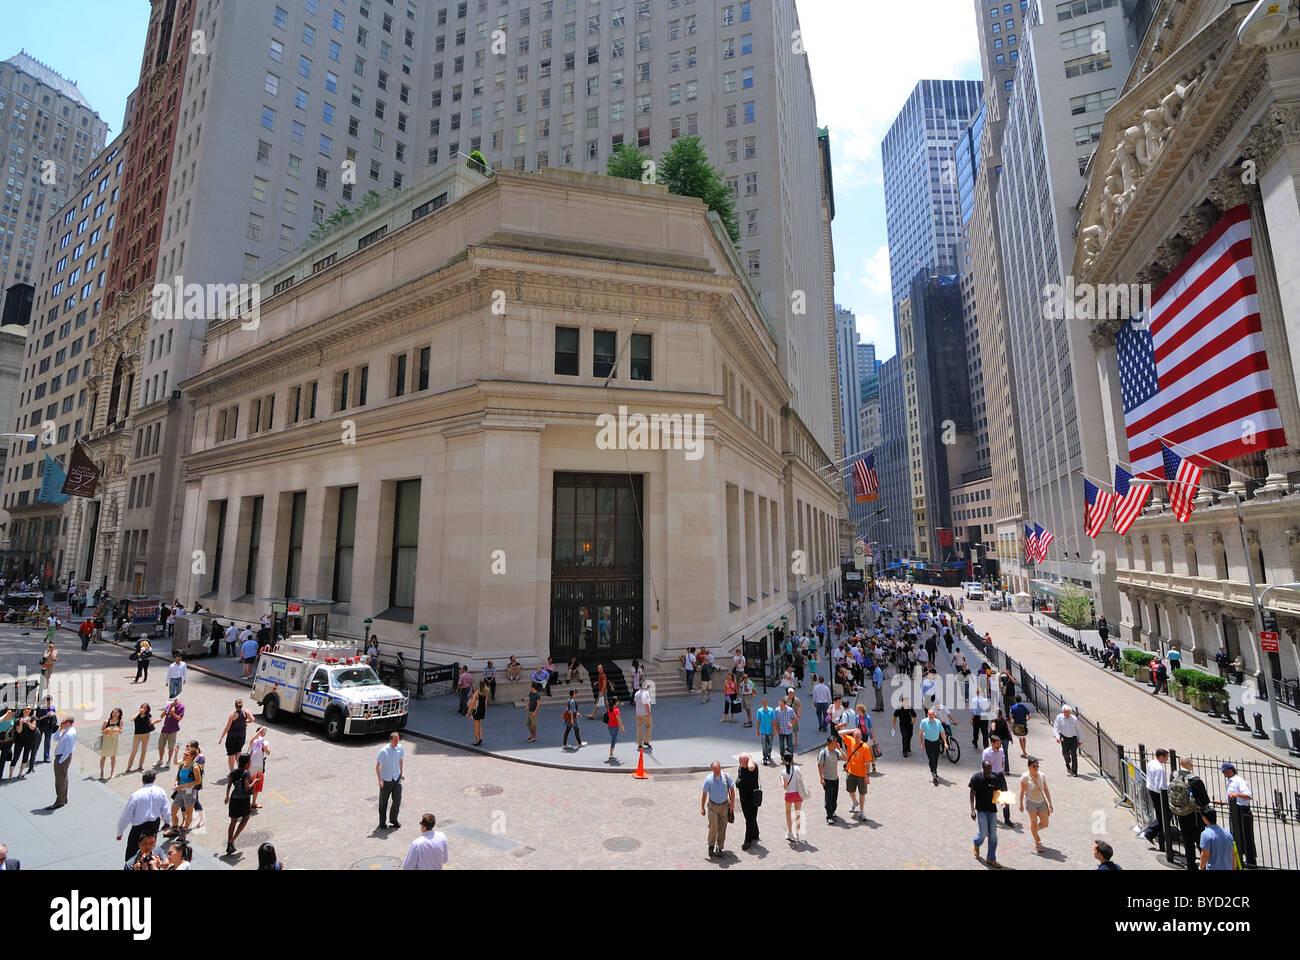 Une vue de la Bourse de Wall Street. Le 4 juin 2010. Photo Stock